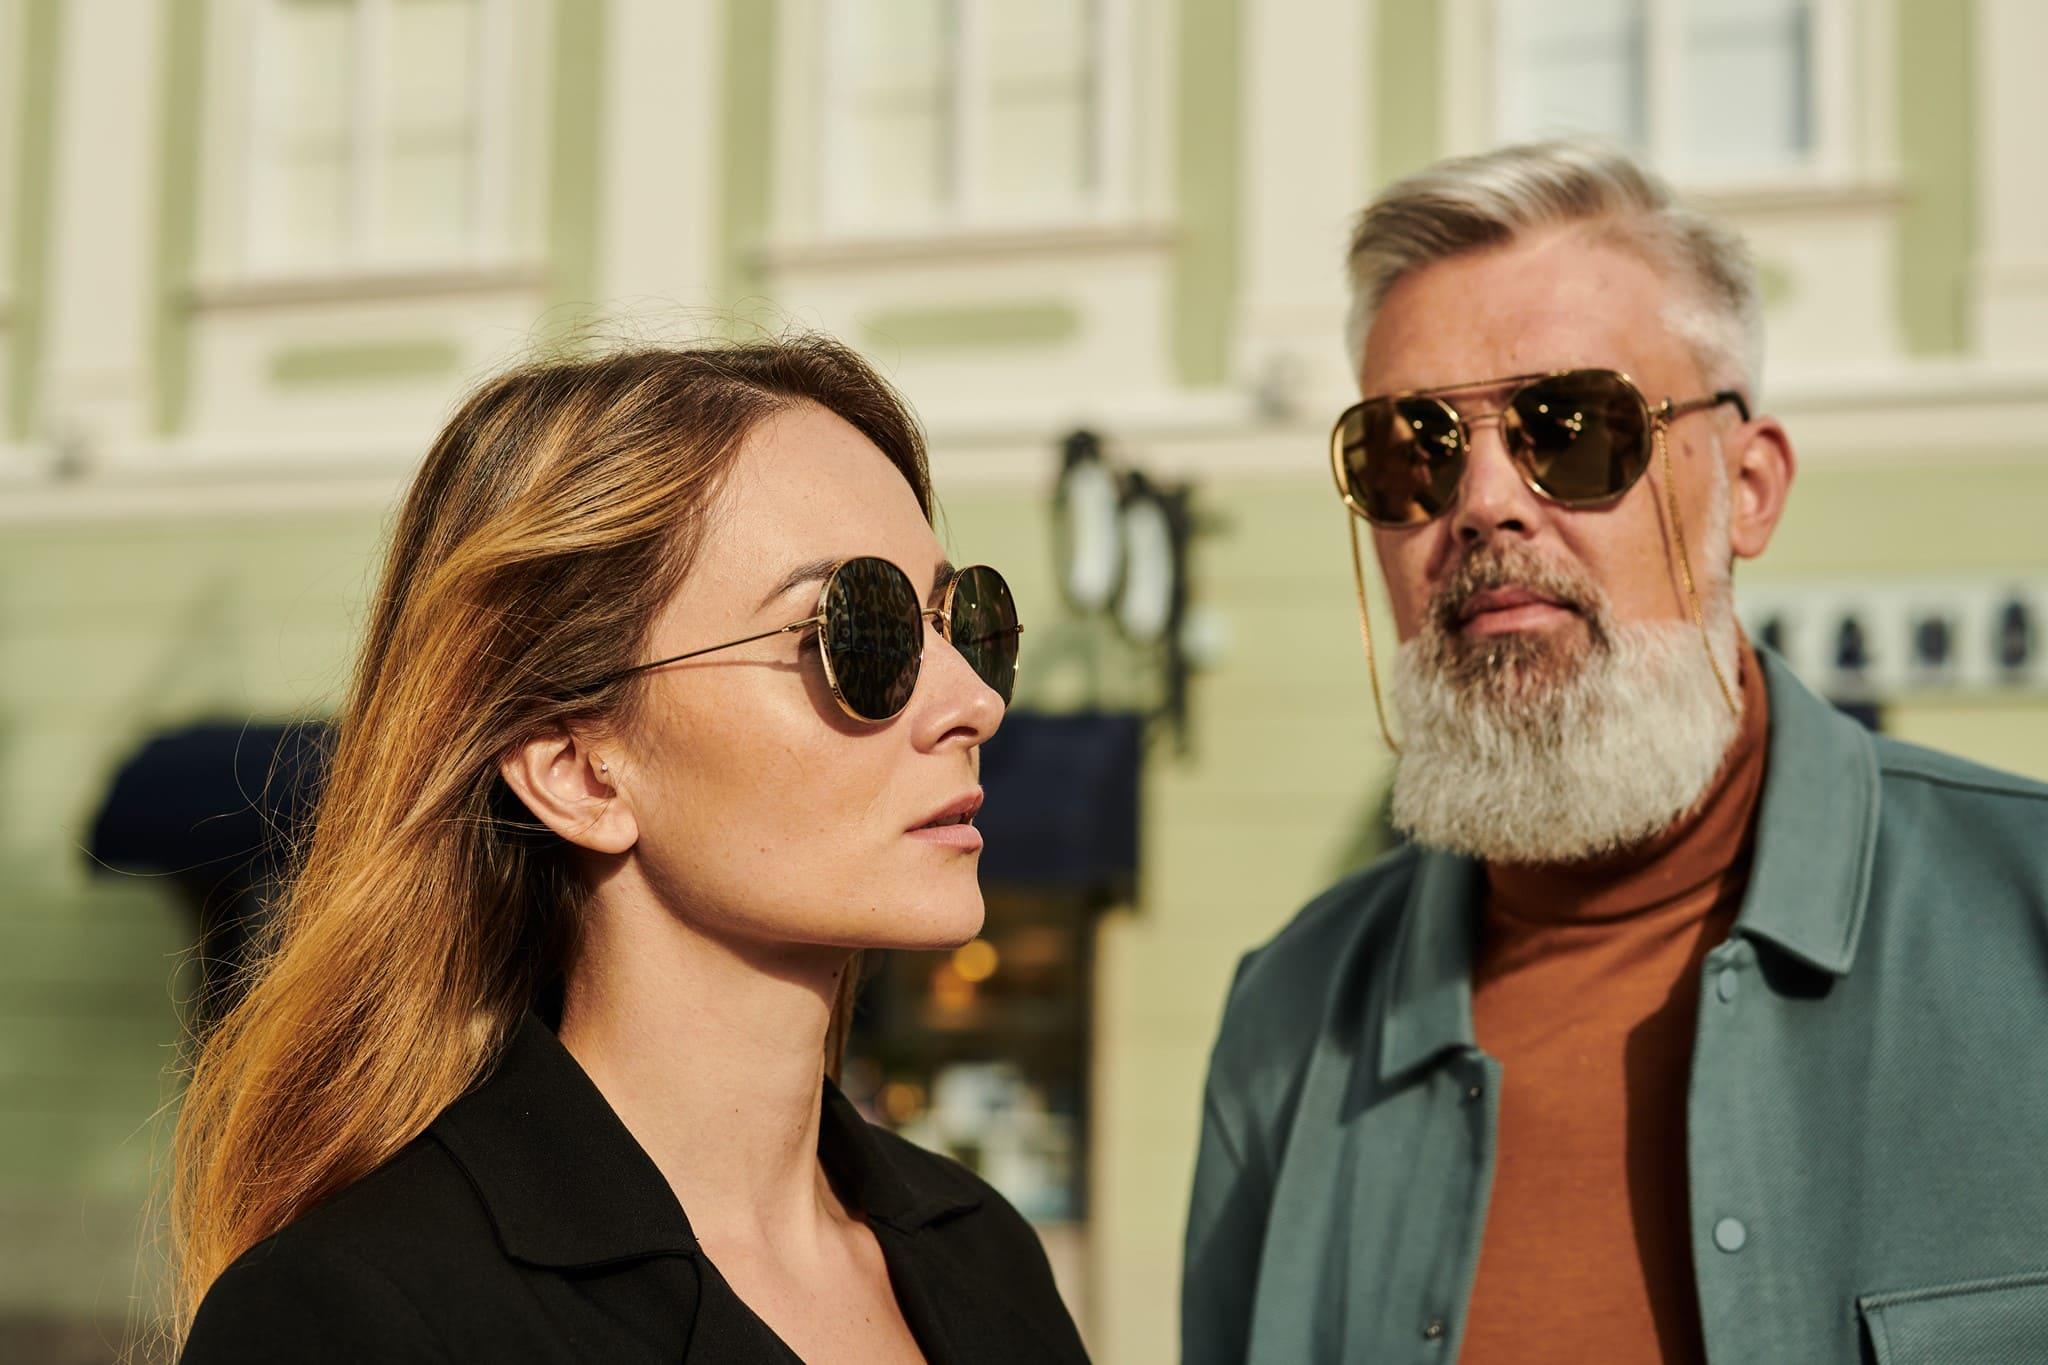 zwei Personen, eine Dame und ein Herr mit großen, runden Sonnenbrillen mit goldenen Rahmen und schwarzen, verspiegelten Gläsern